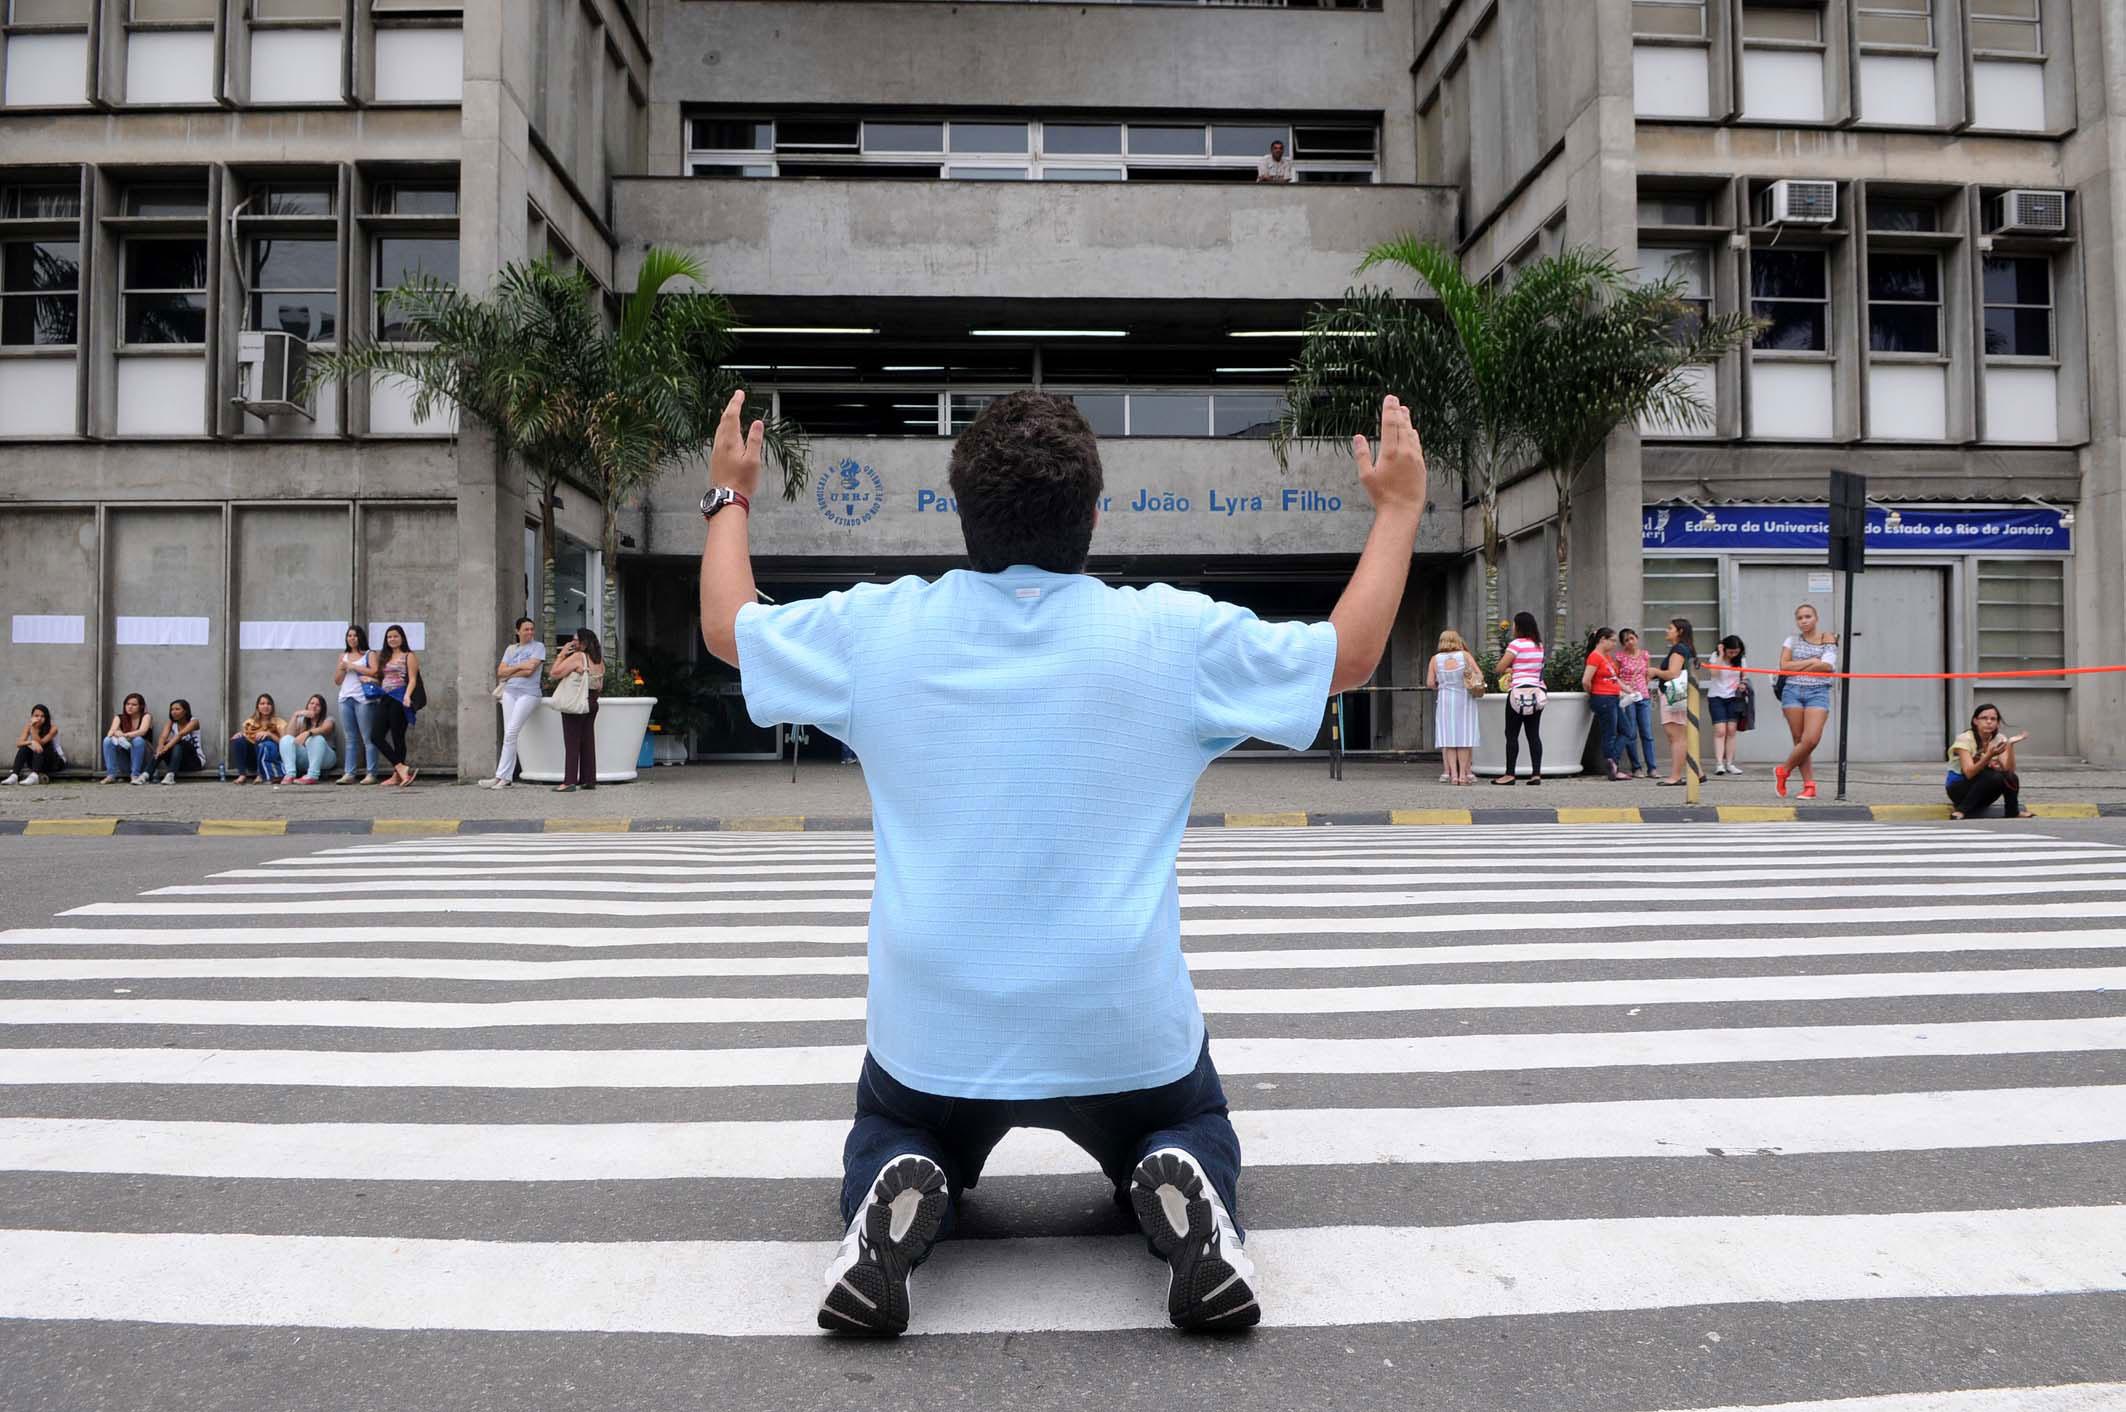 DOMINGO (27): Rio de Janeiro (RJ) - Candidato se ajoelha em frente ao local de prova, na Uerj.